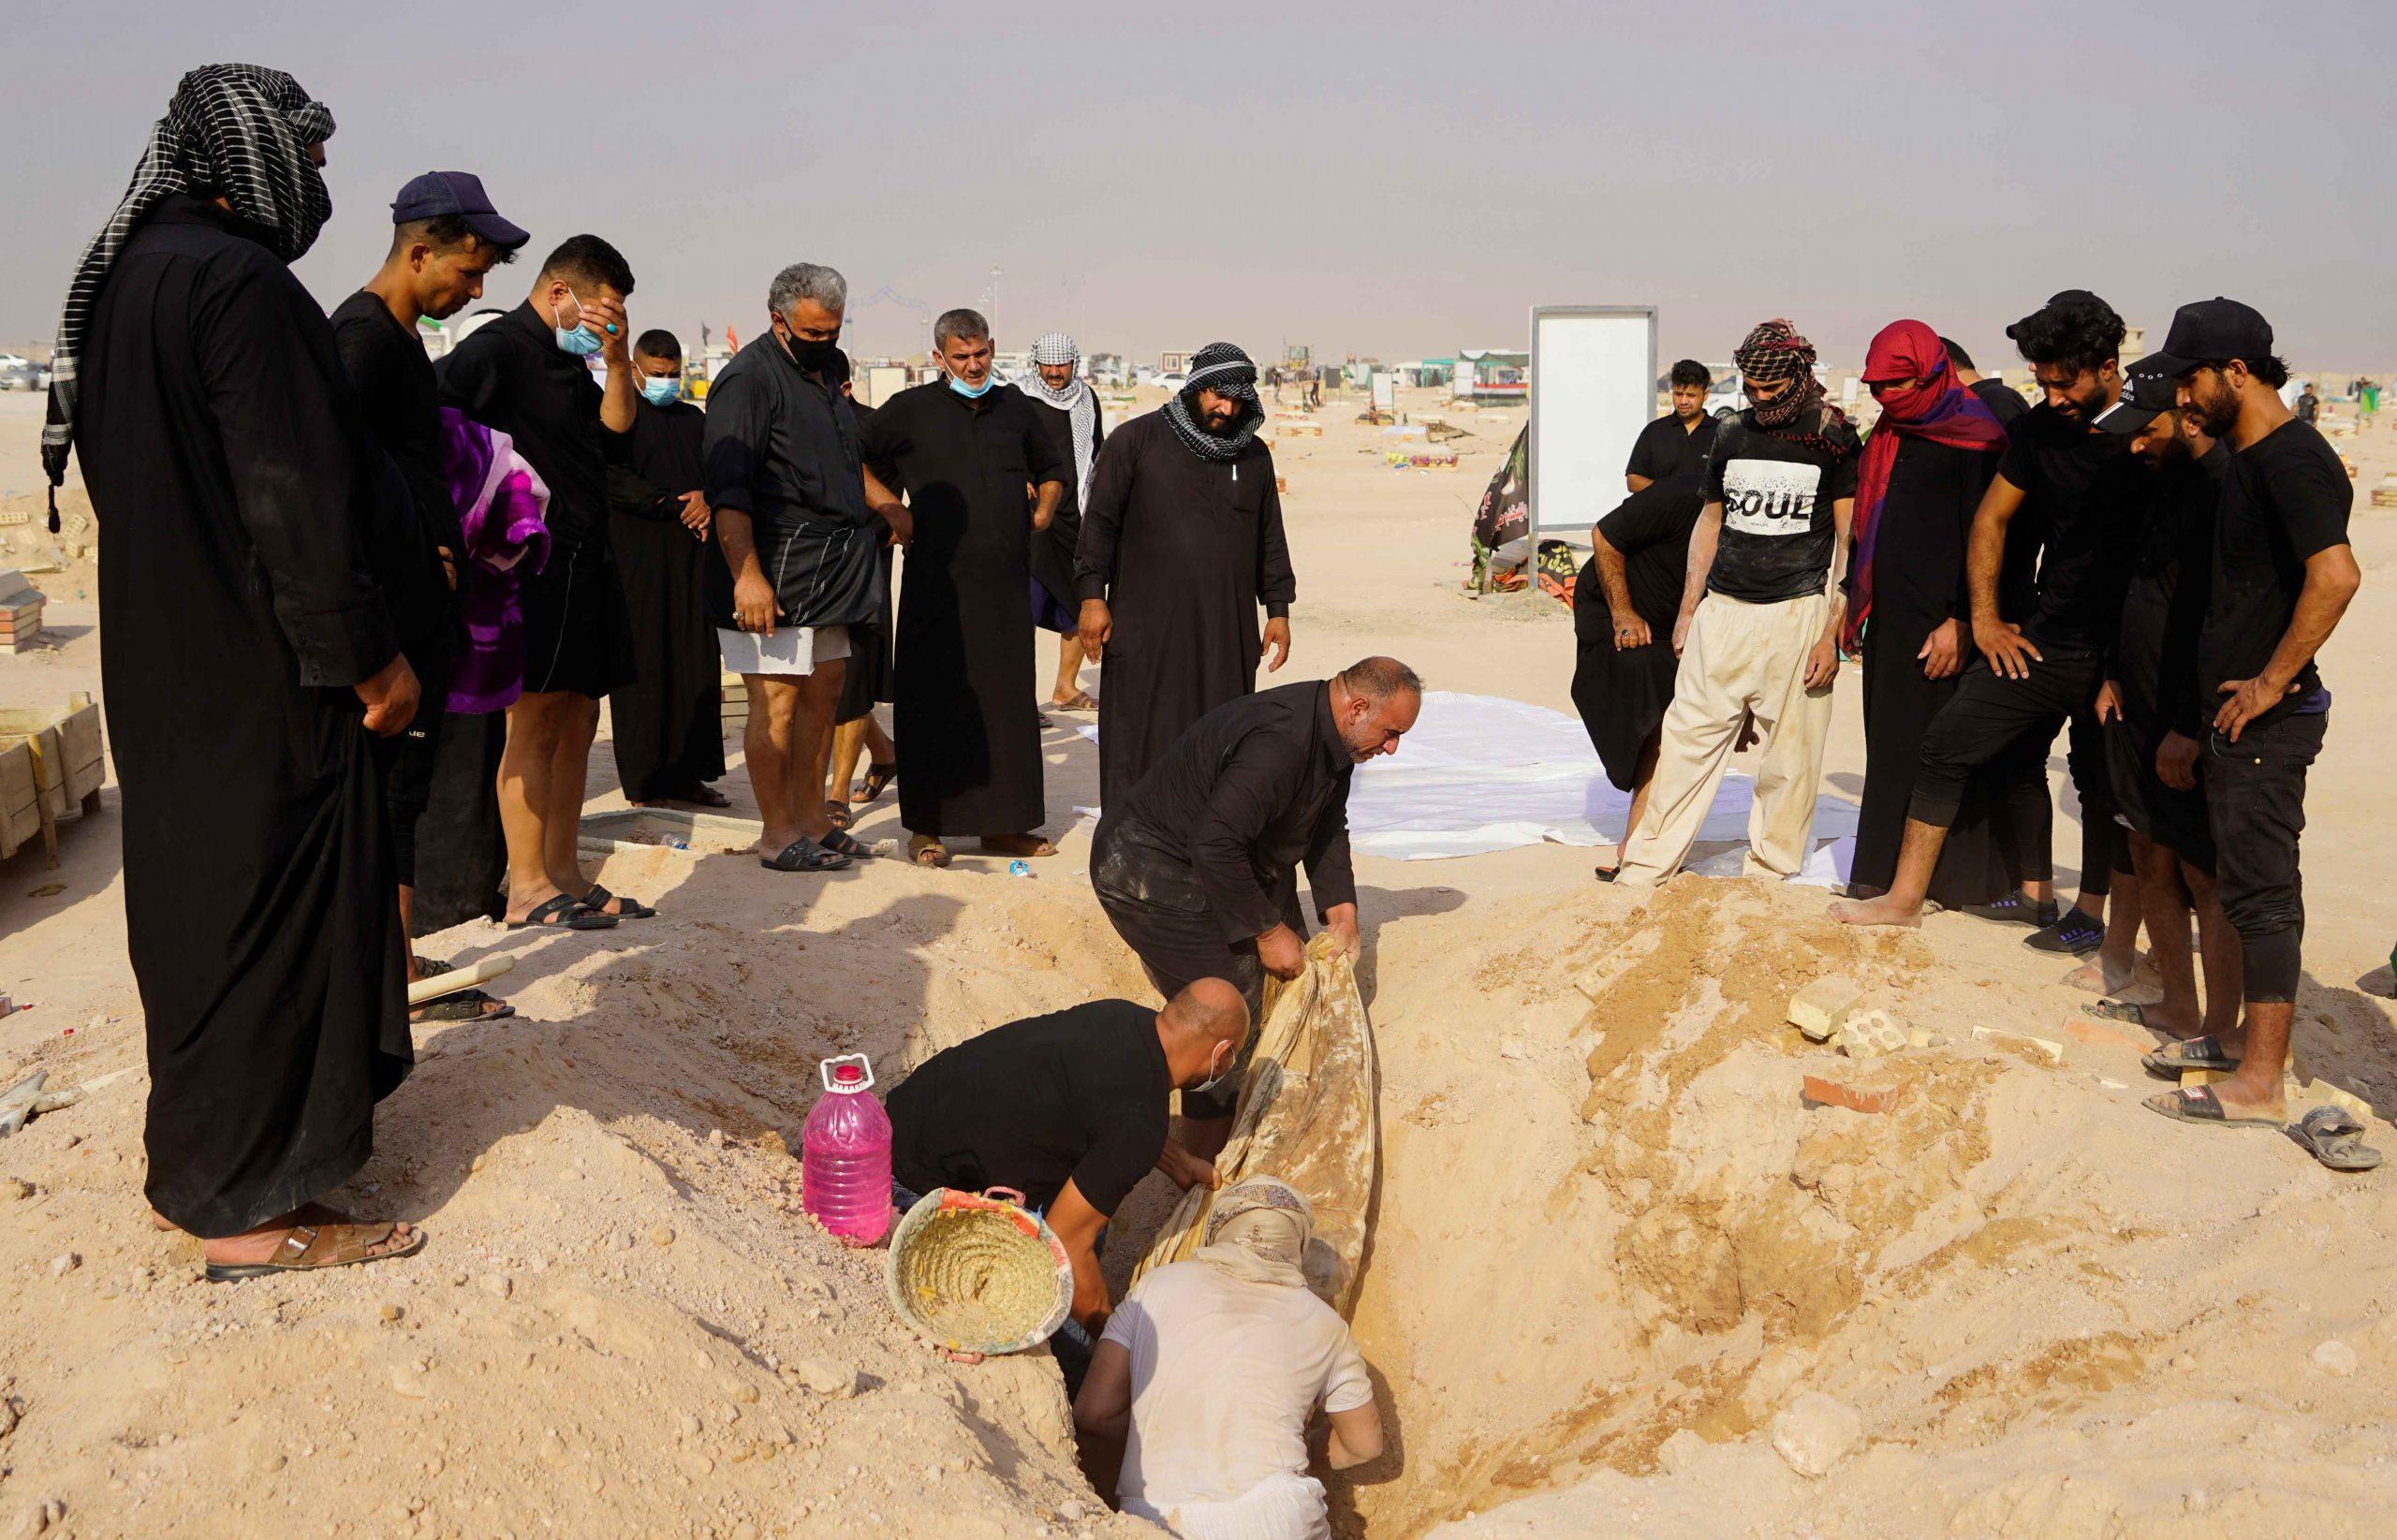 شاهد || مئات العراقيين ينقلون جثث ذويهم من مقبرة كورونا إلى مقابر عائلية